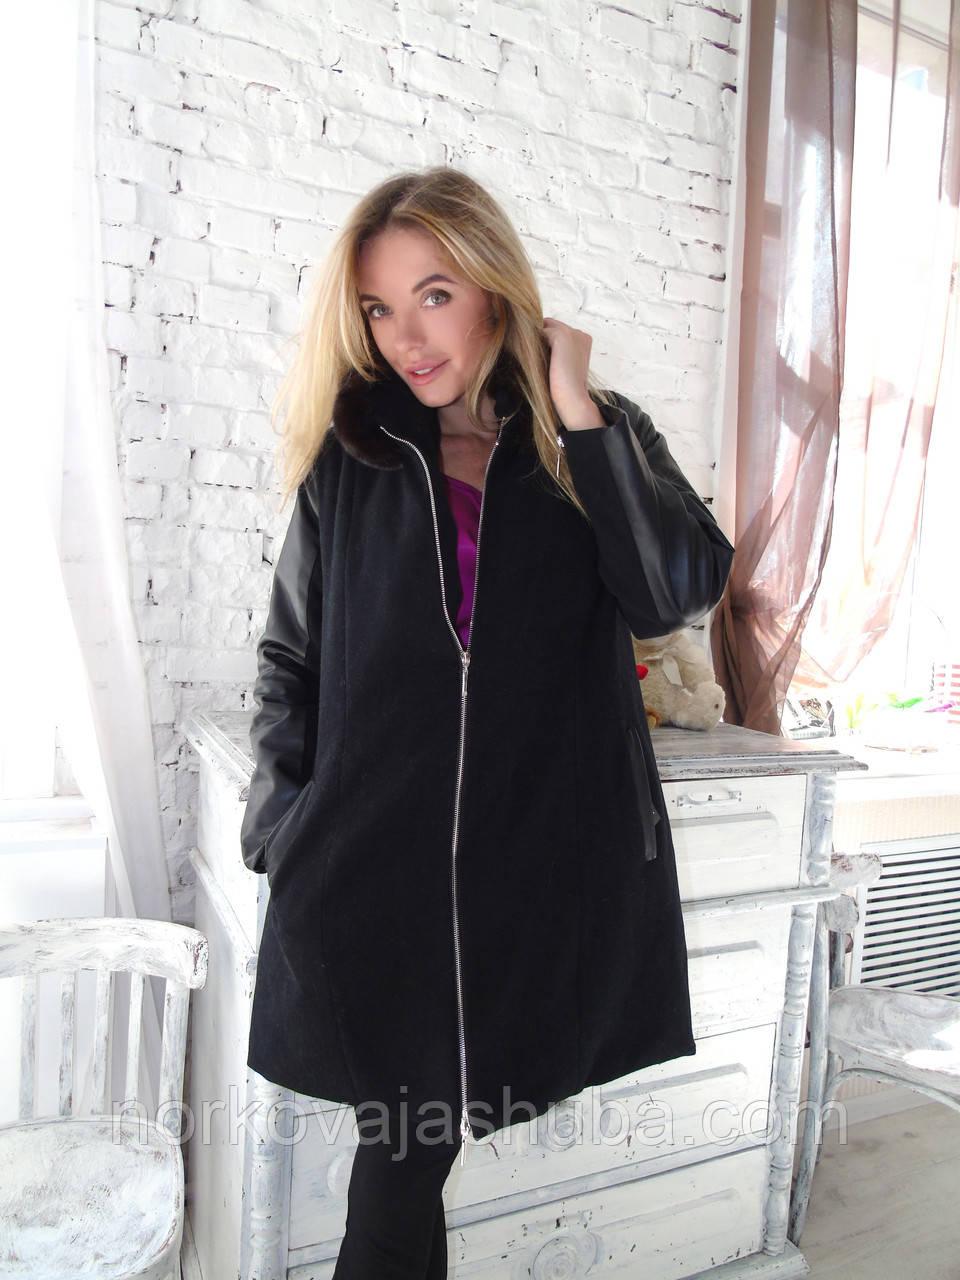 Пальто кашемировое с норковым воротником 44 46 размер